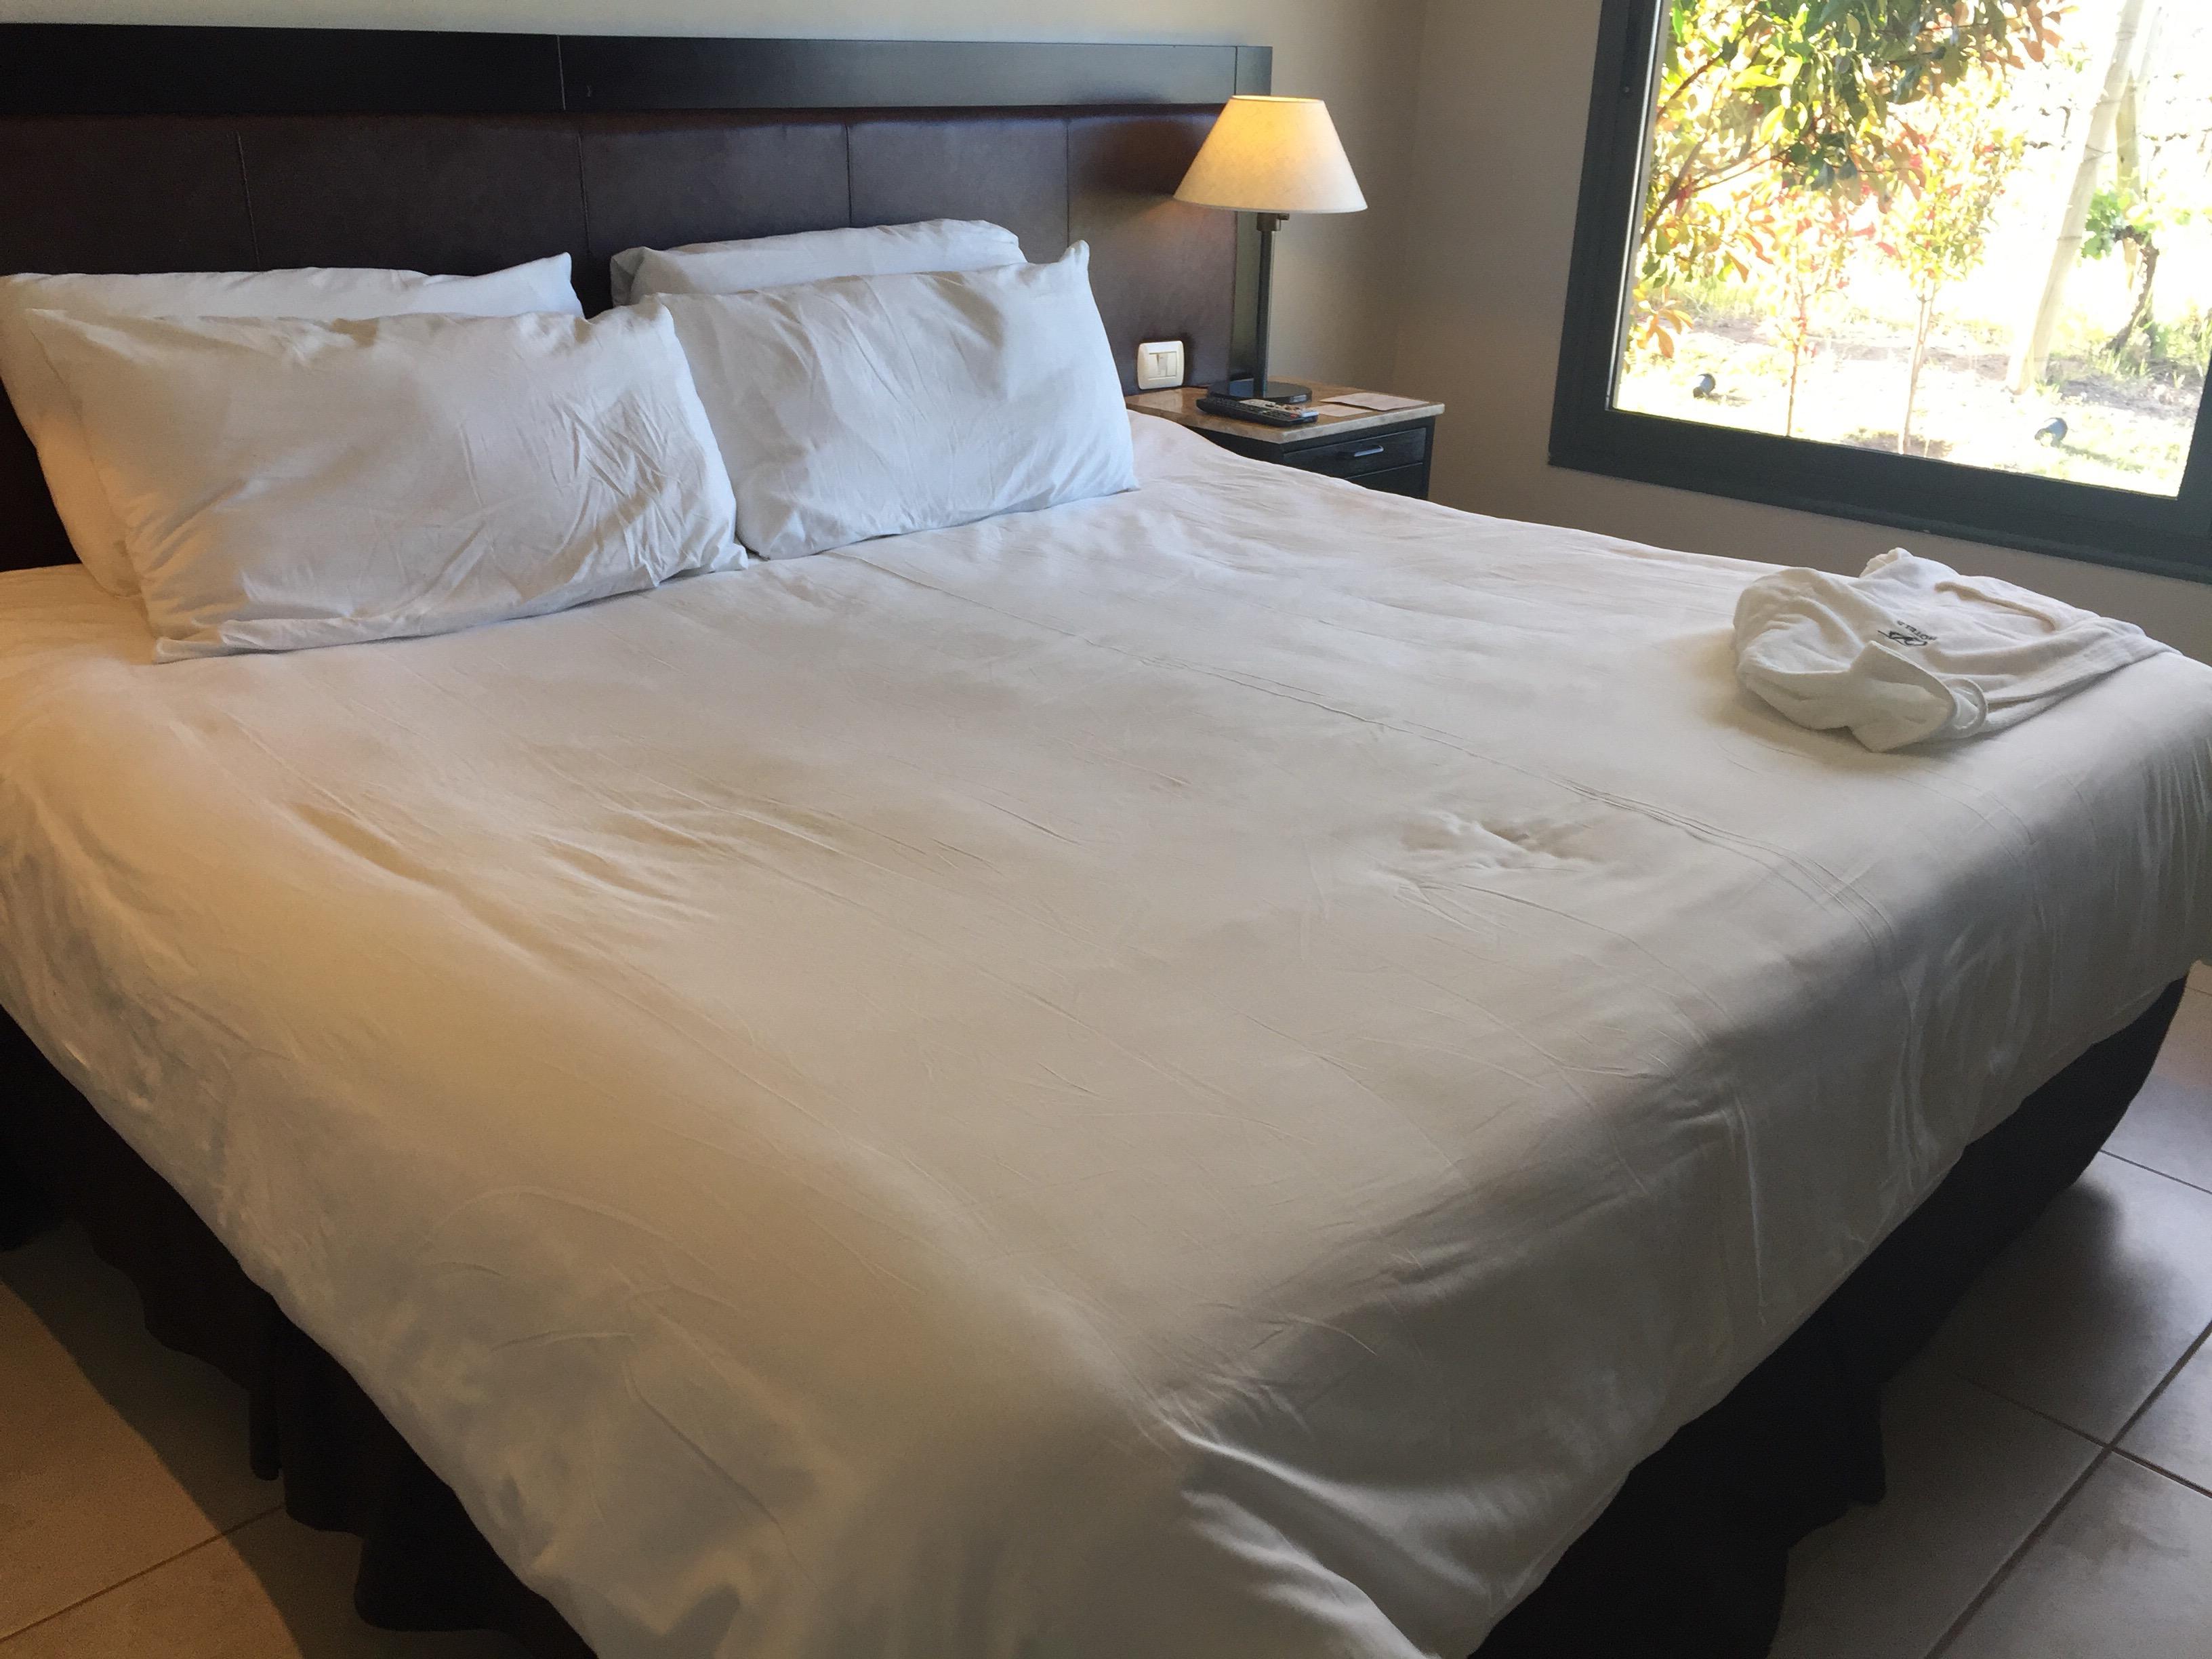 img 8902 - Hotel Auberge du Vin en Mendoza